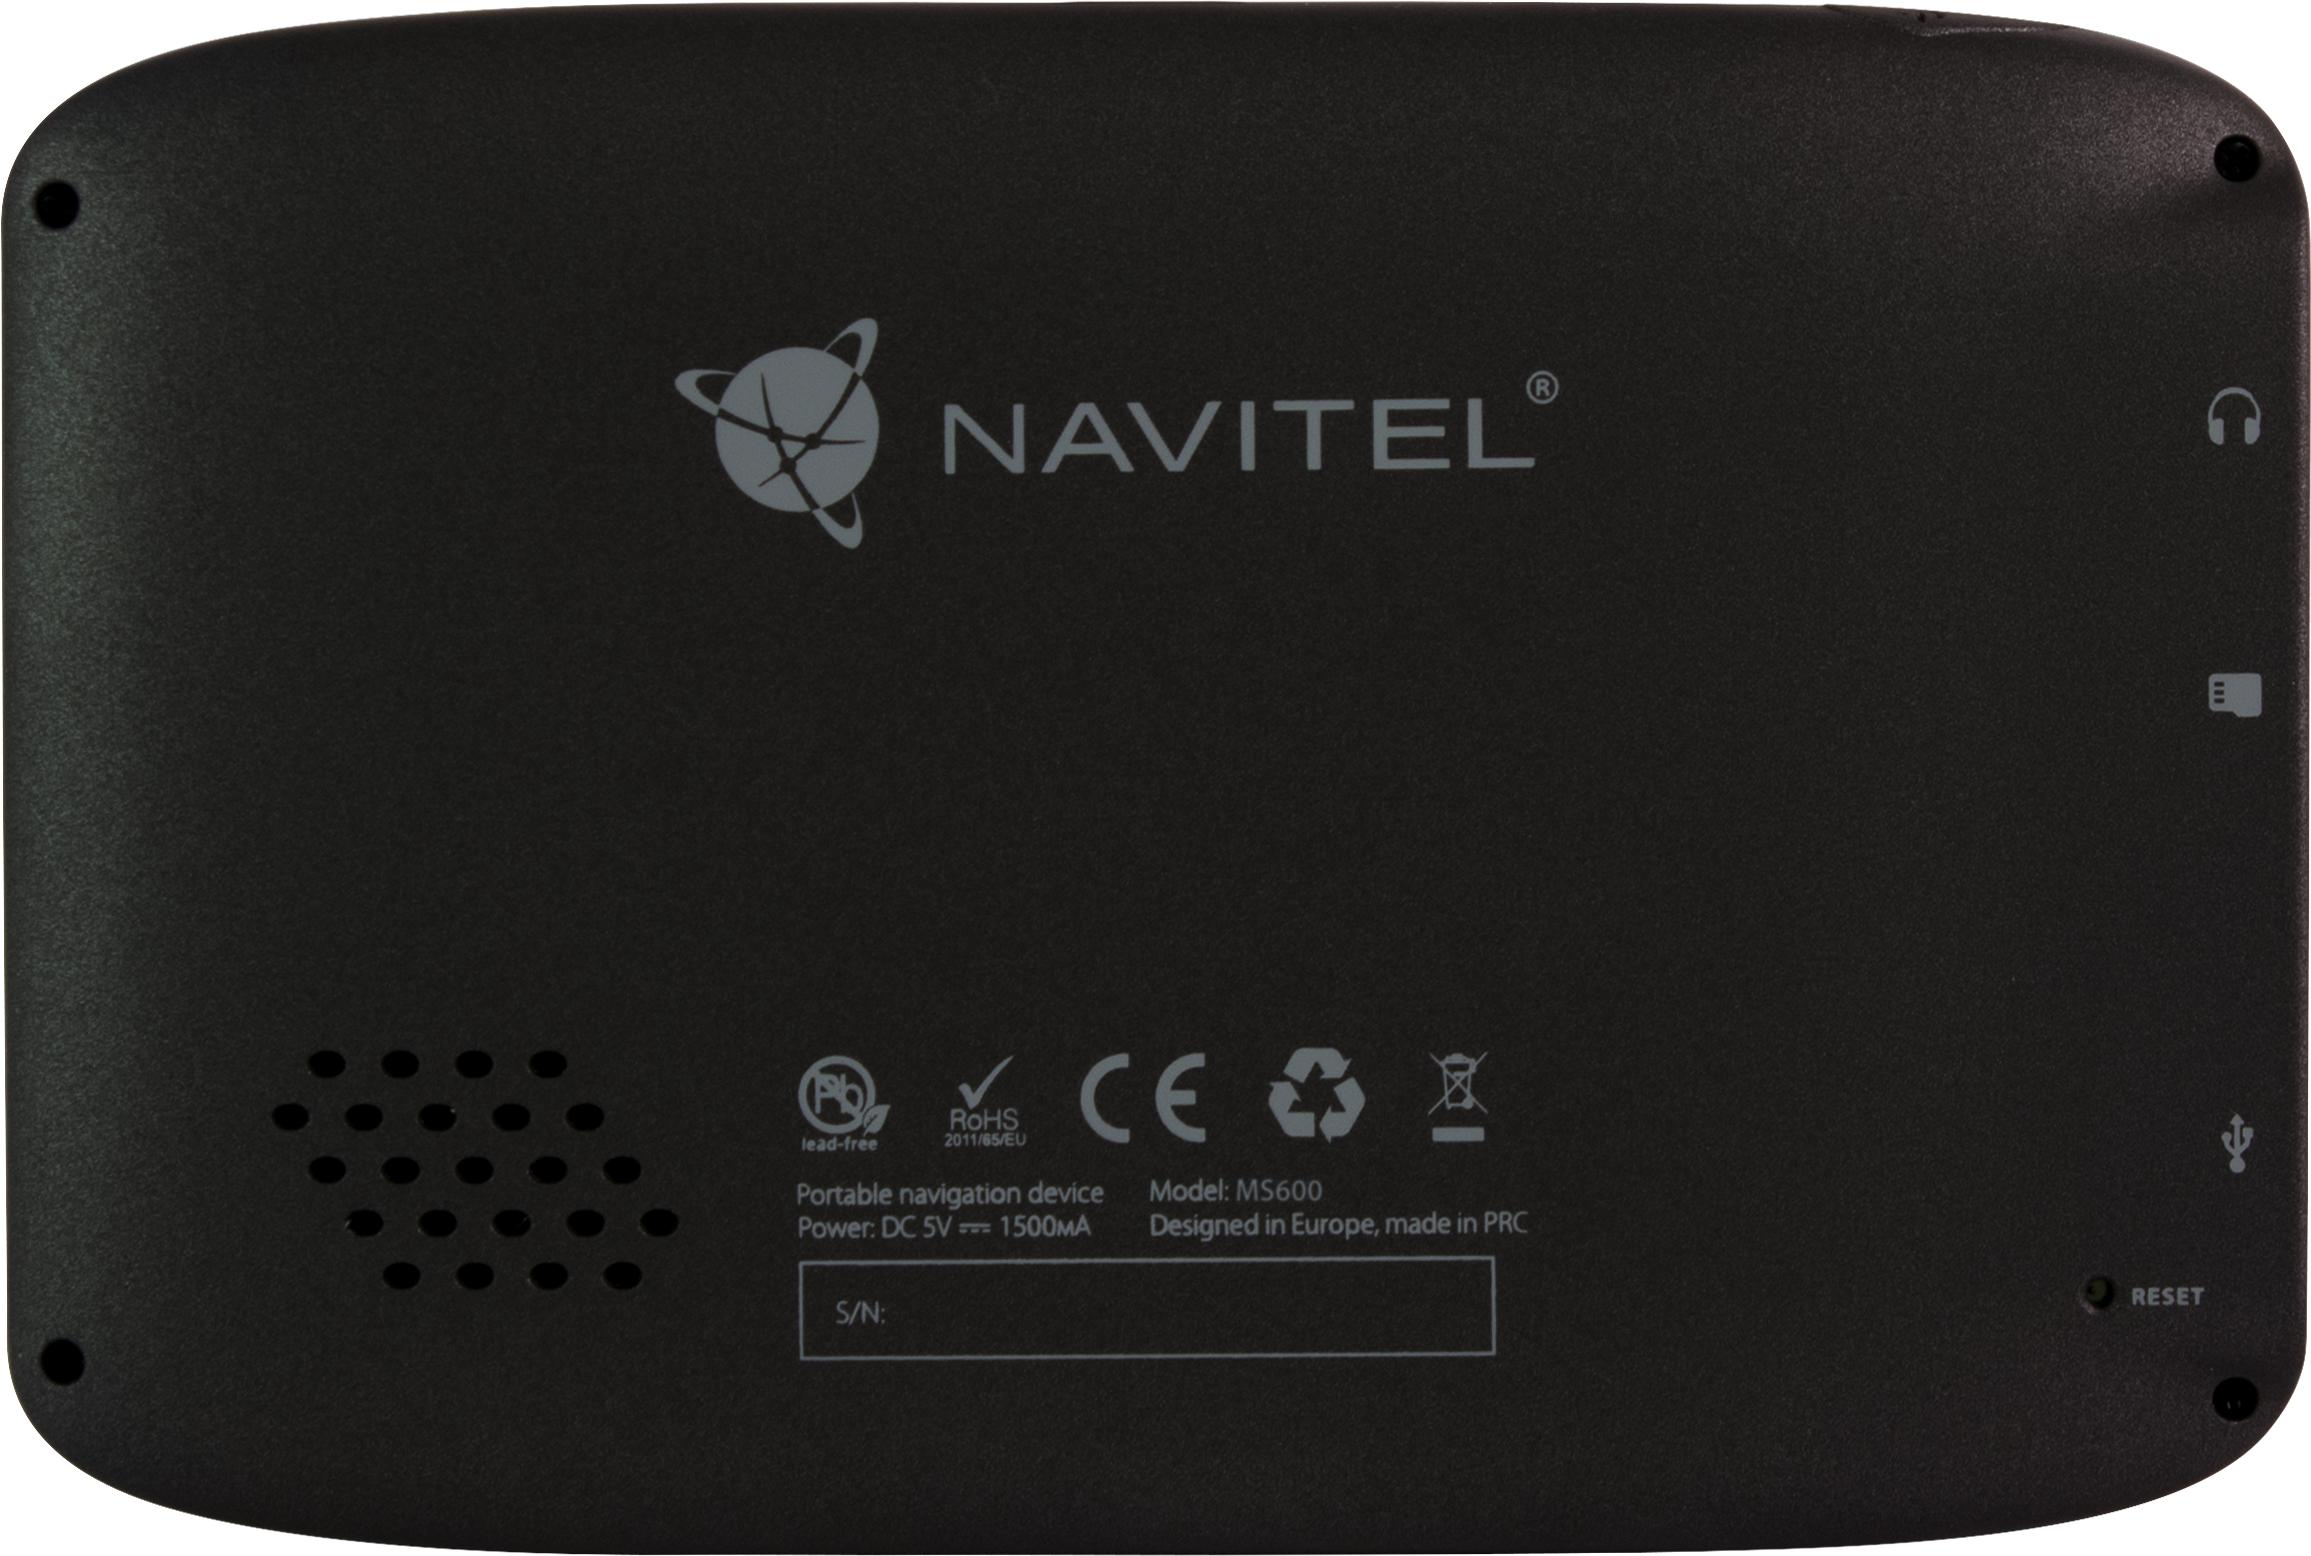 NAVMS400 Navigační systém NAVITEL Test